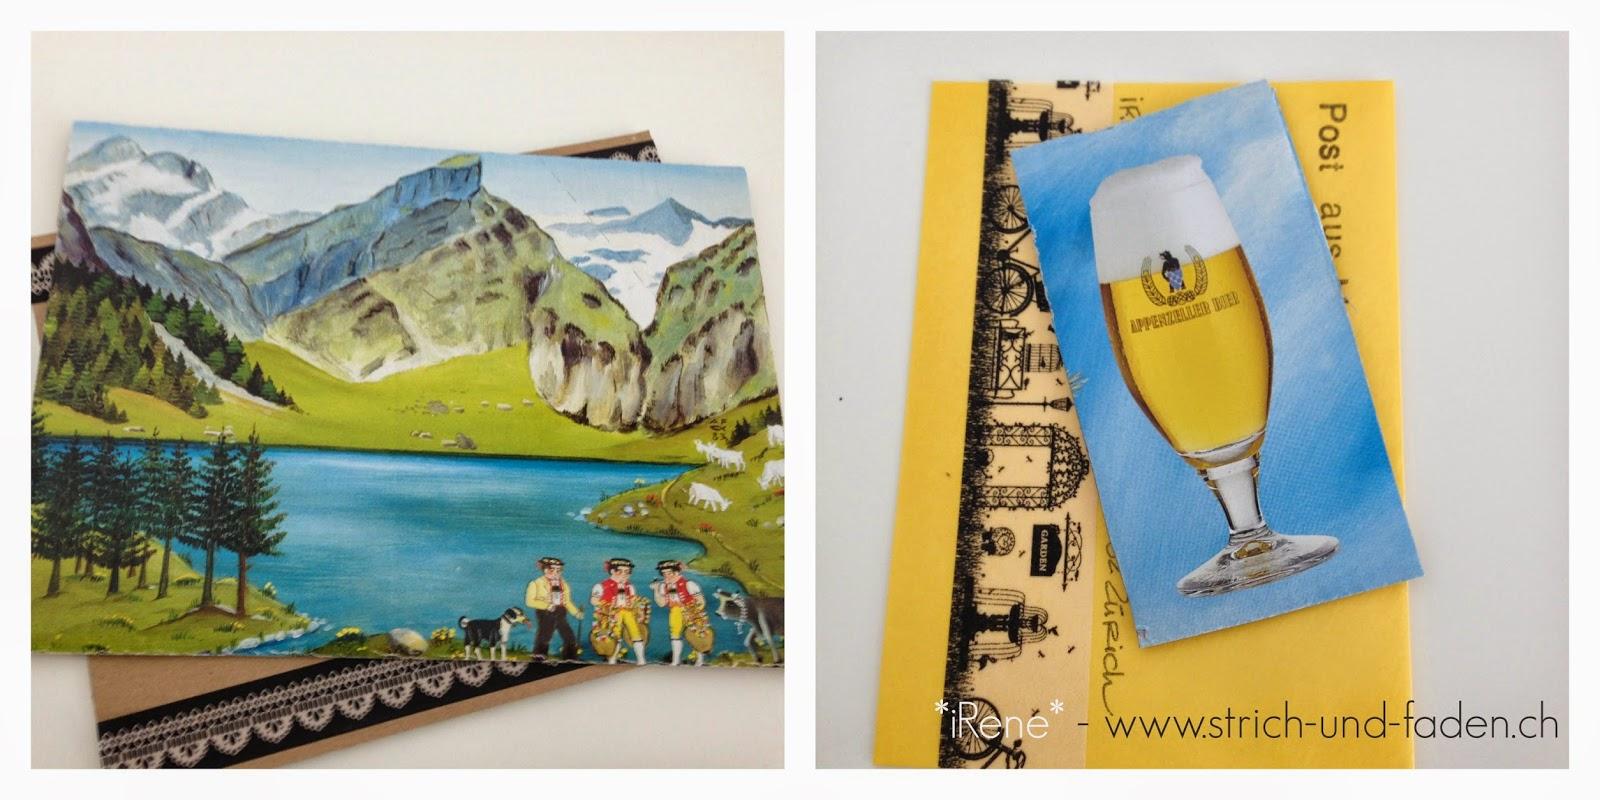 mit Strich und Faden | Quöllfrisch Karton ist auch eine Postkarte Upcycling